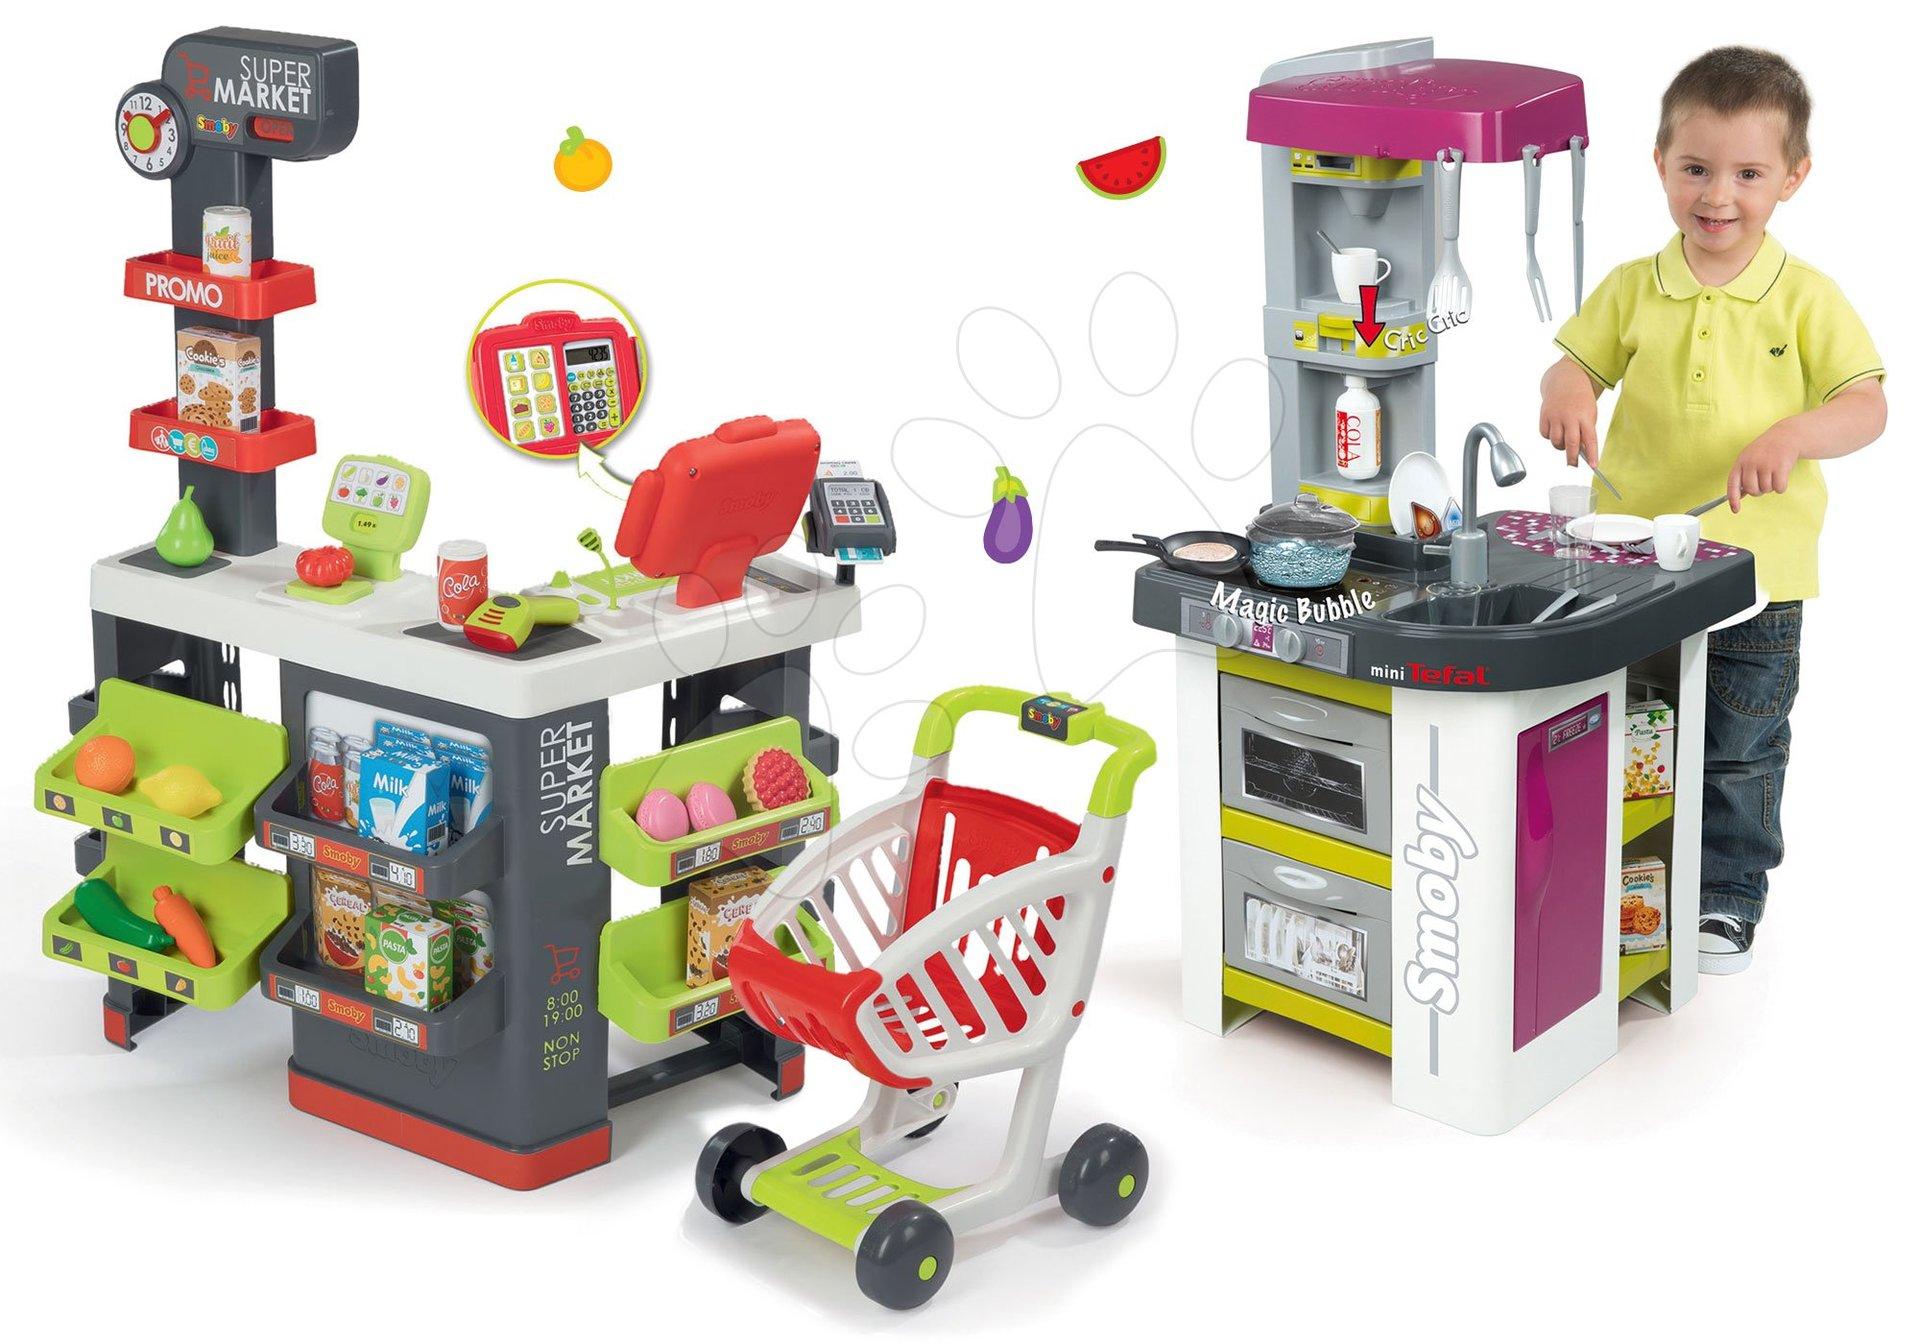 Smoby obchod Supermarket s pokladnou a kuchyňka Tefal 350213-34